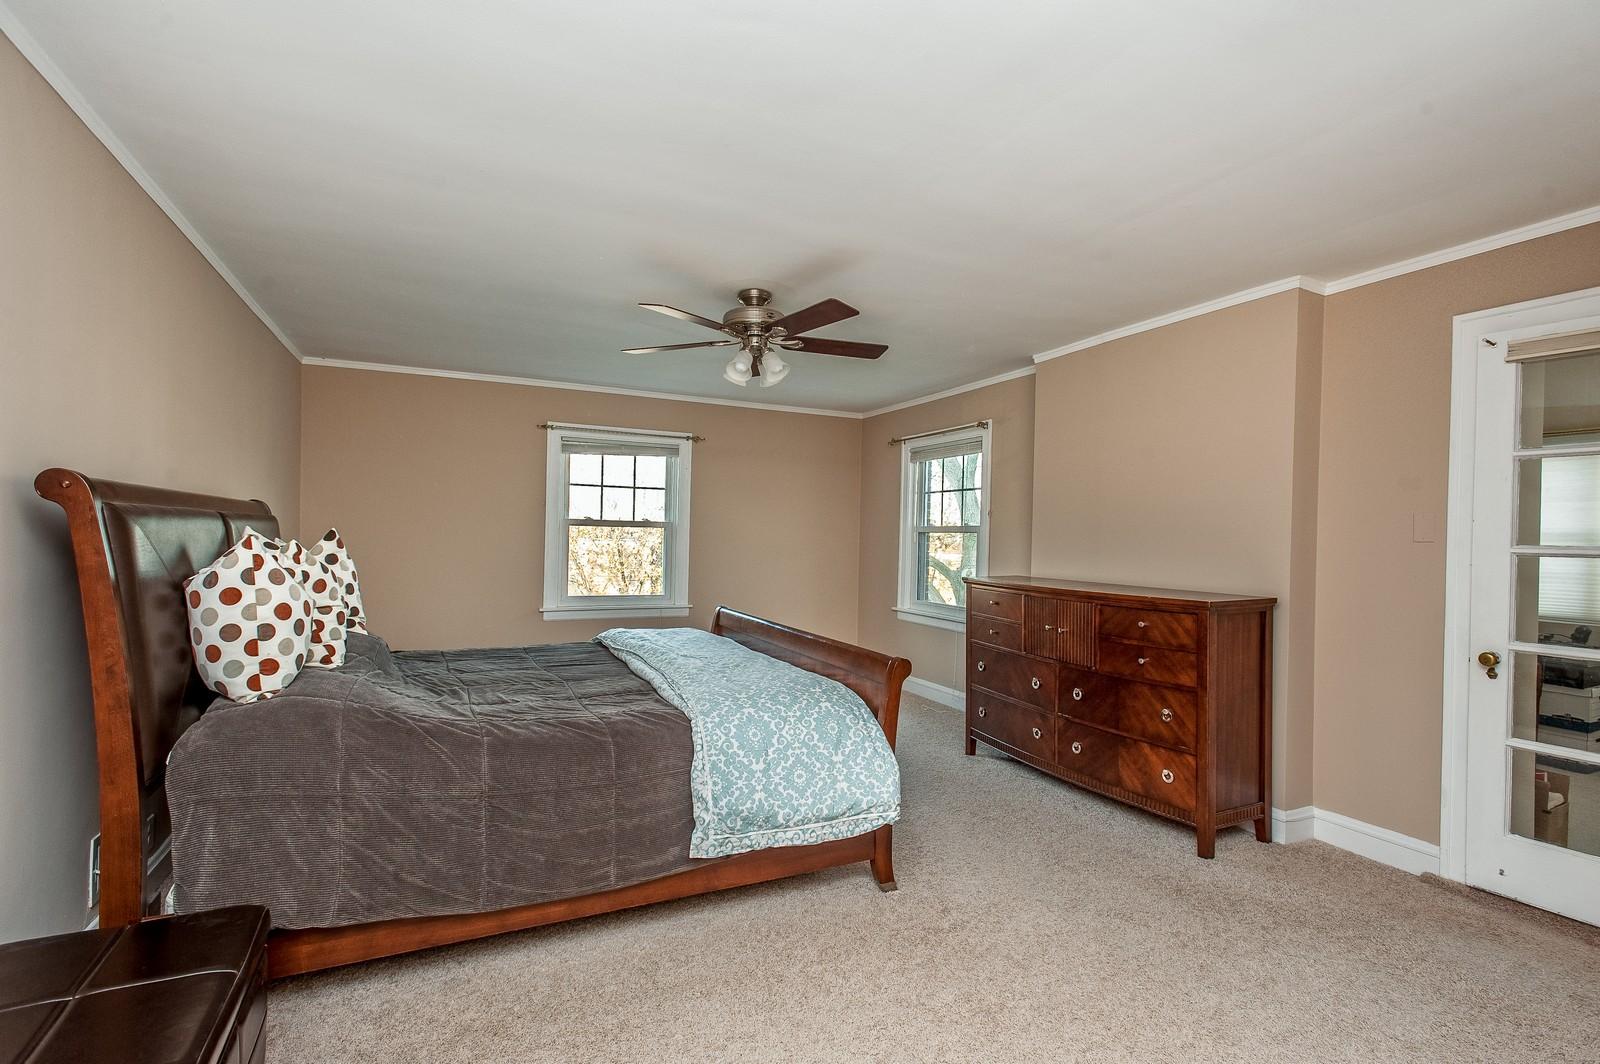 Real Estate Photography - 556 Winnetka Ave, Winnetka, IL, 60093 - Master Bedroom